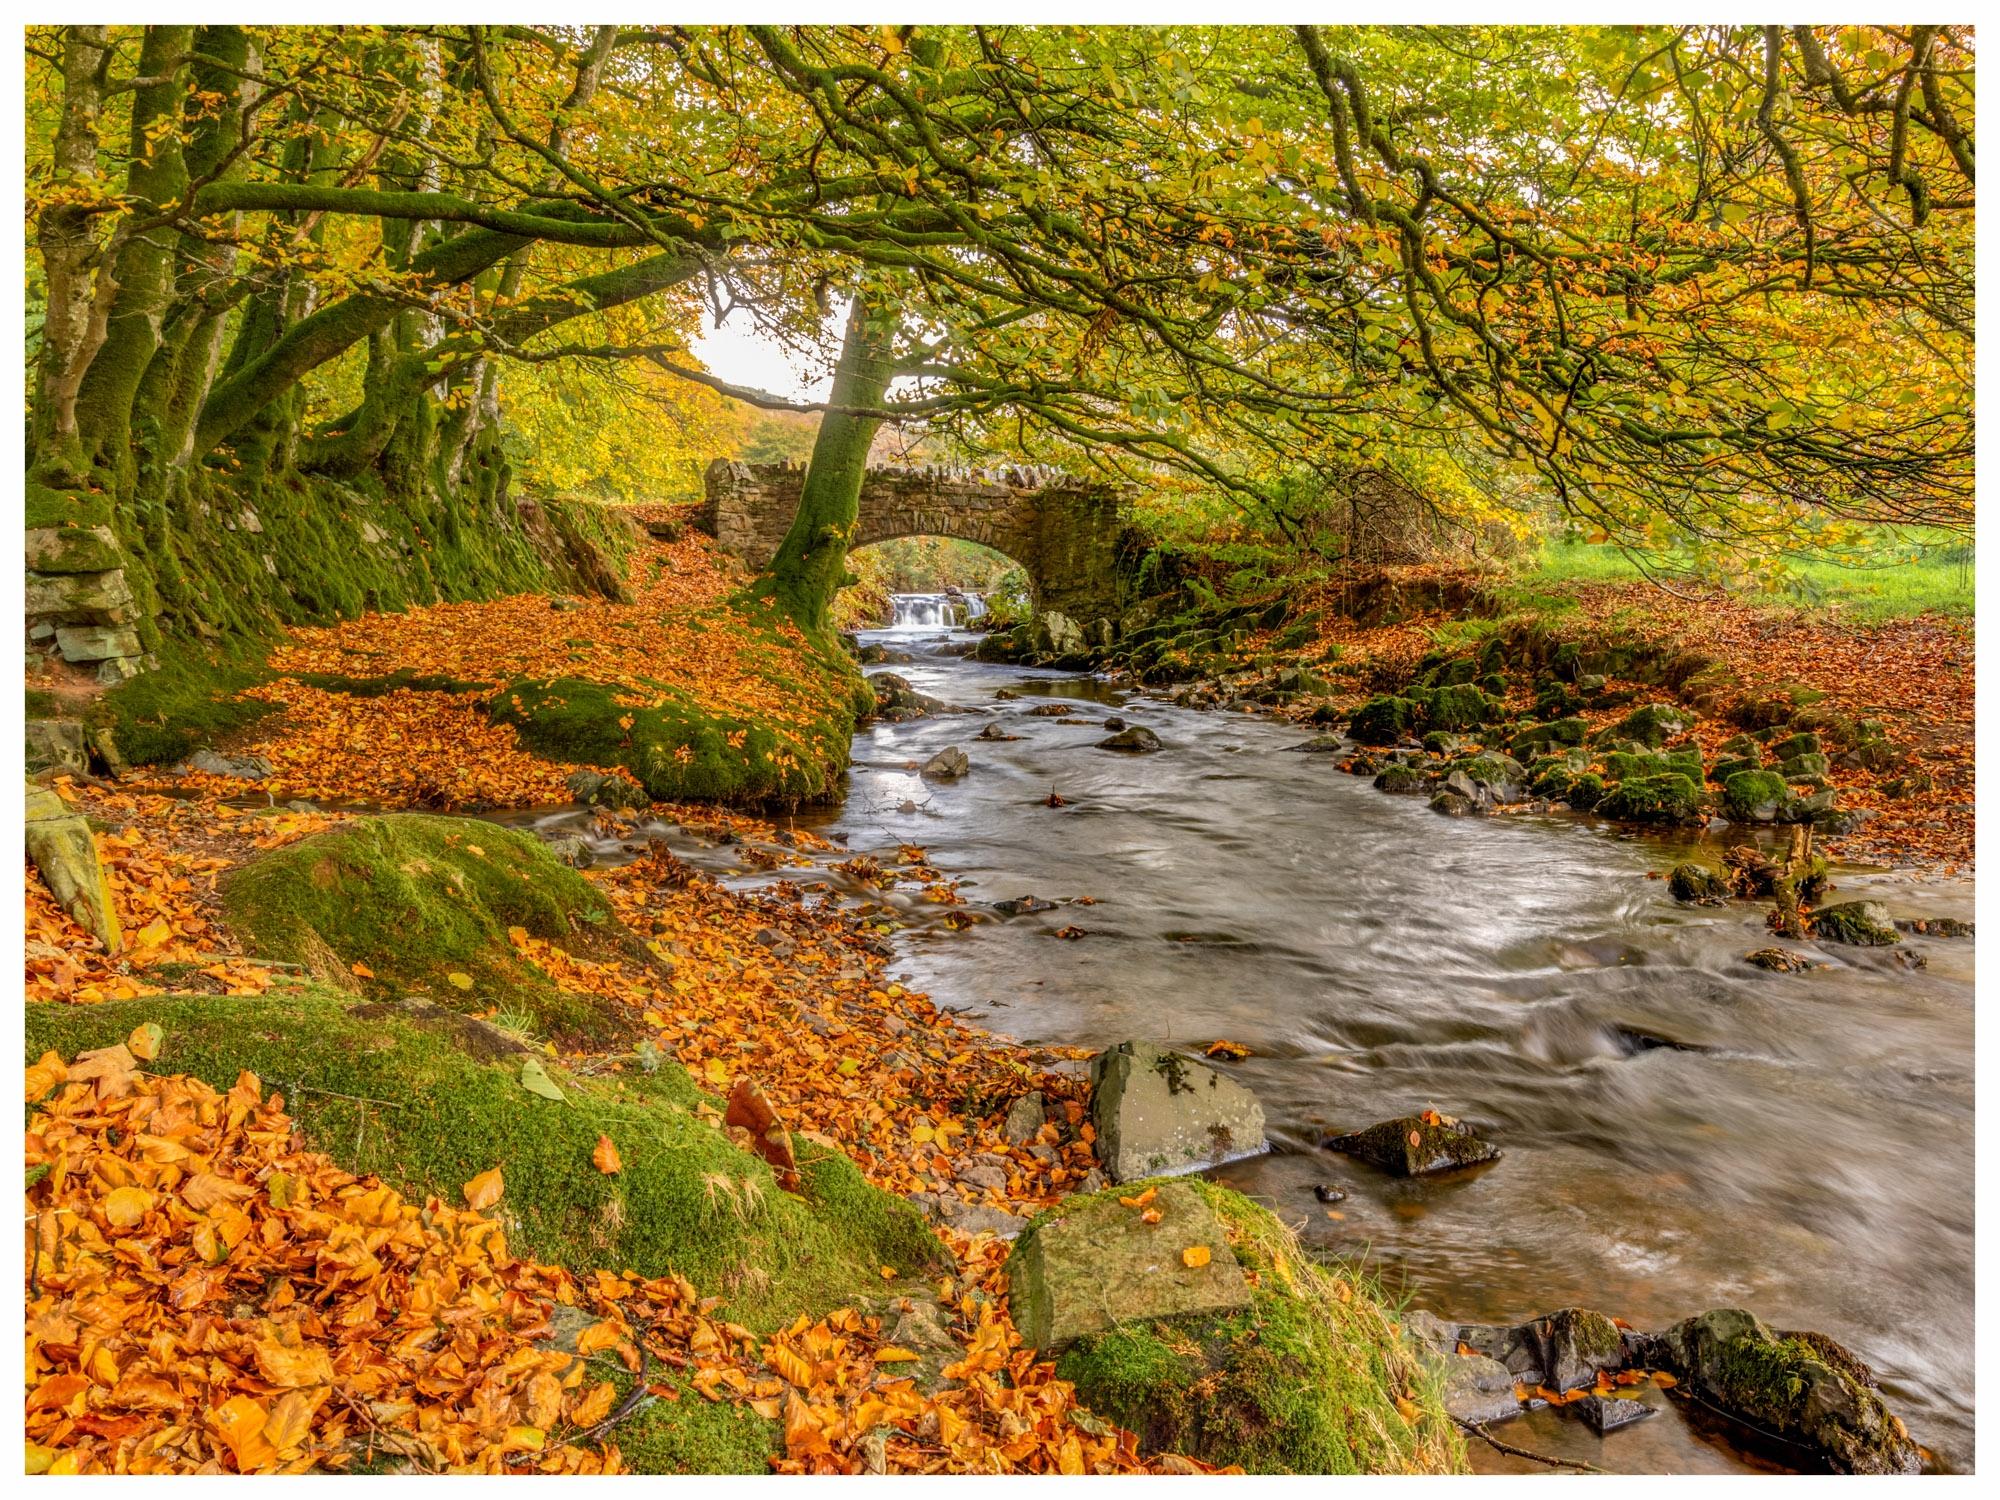 Autumn colours @ Robbers Bridge, Exmoor